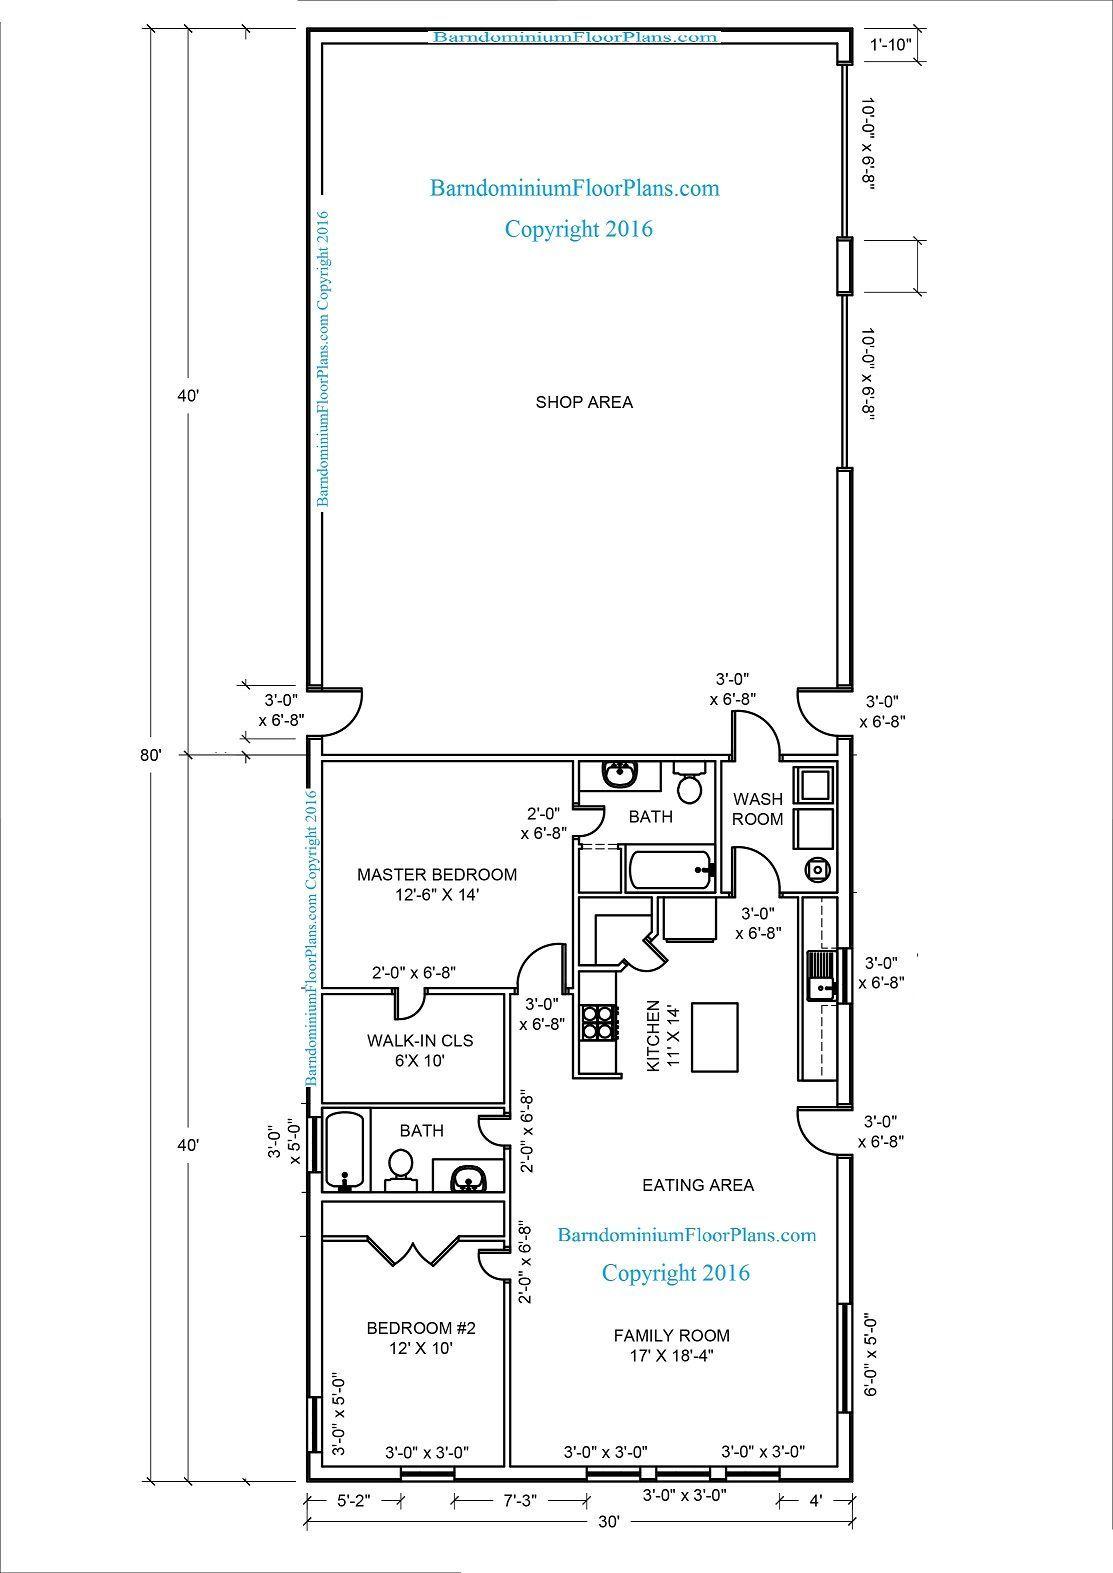 Popular Ideas The Barndominium Floor Plans & Cost to Build